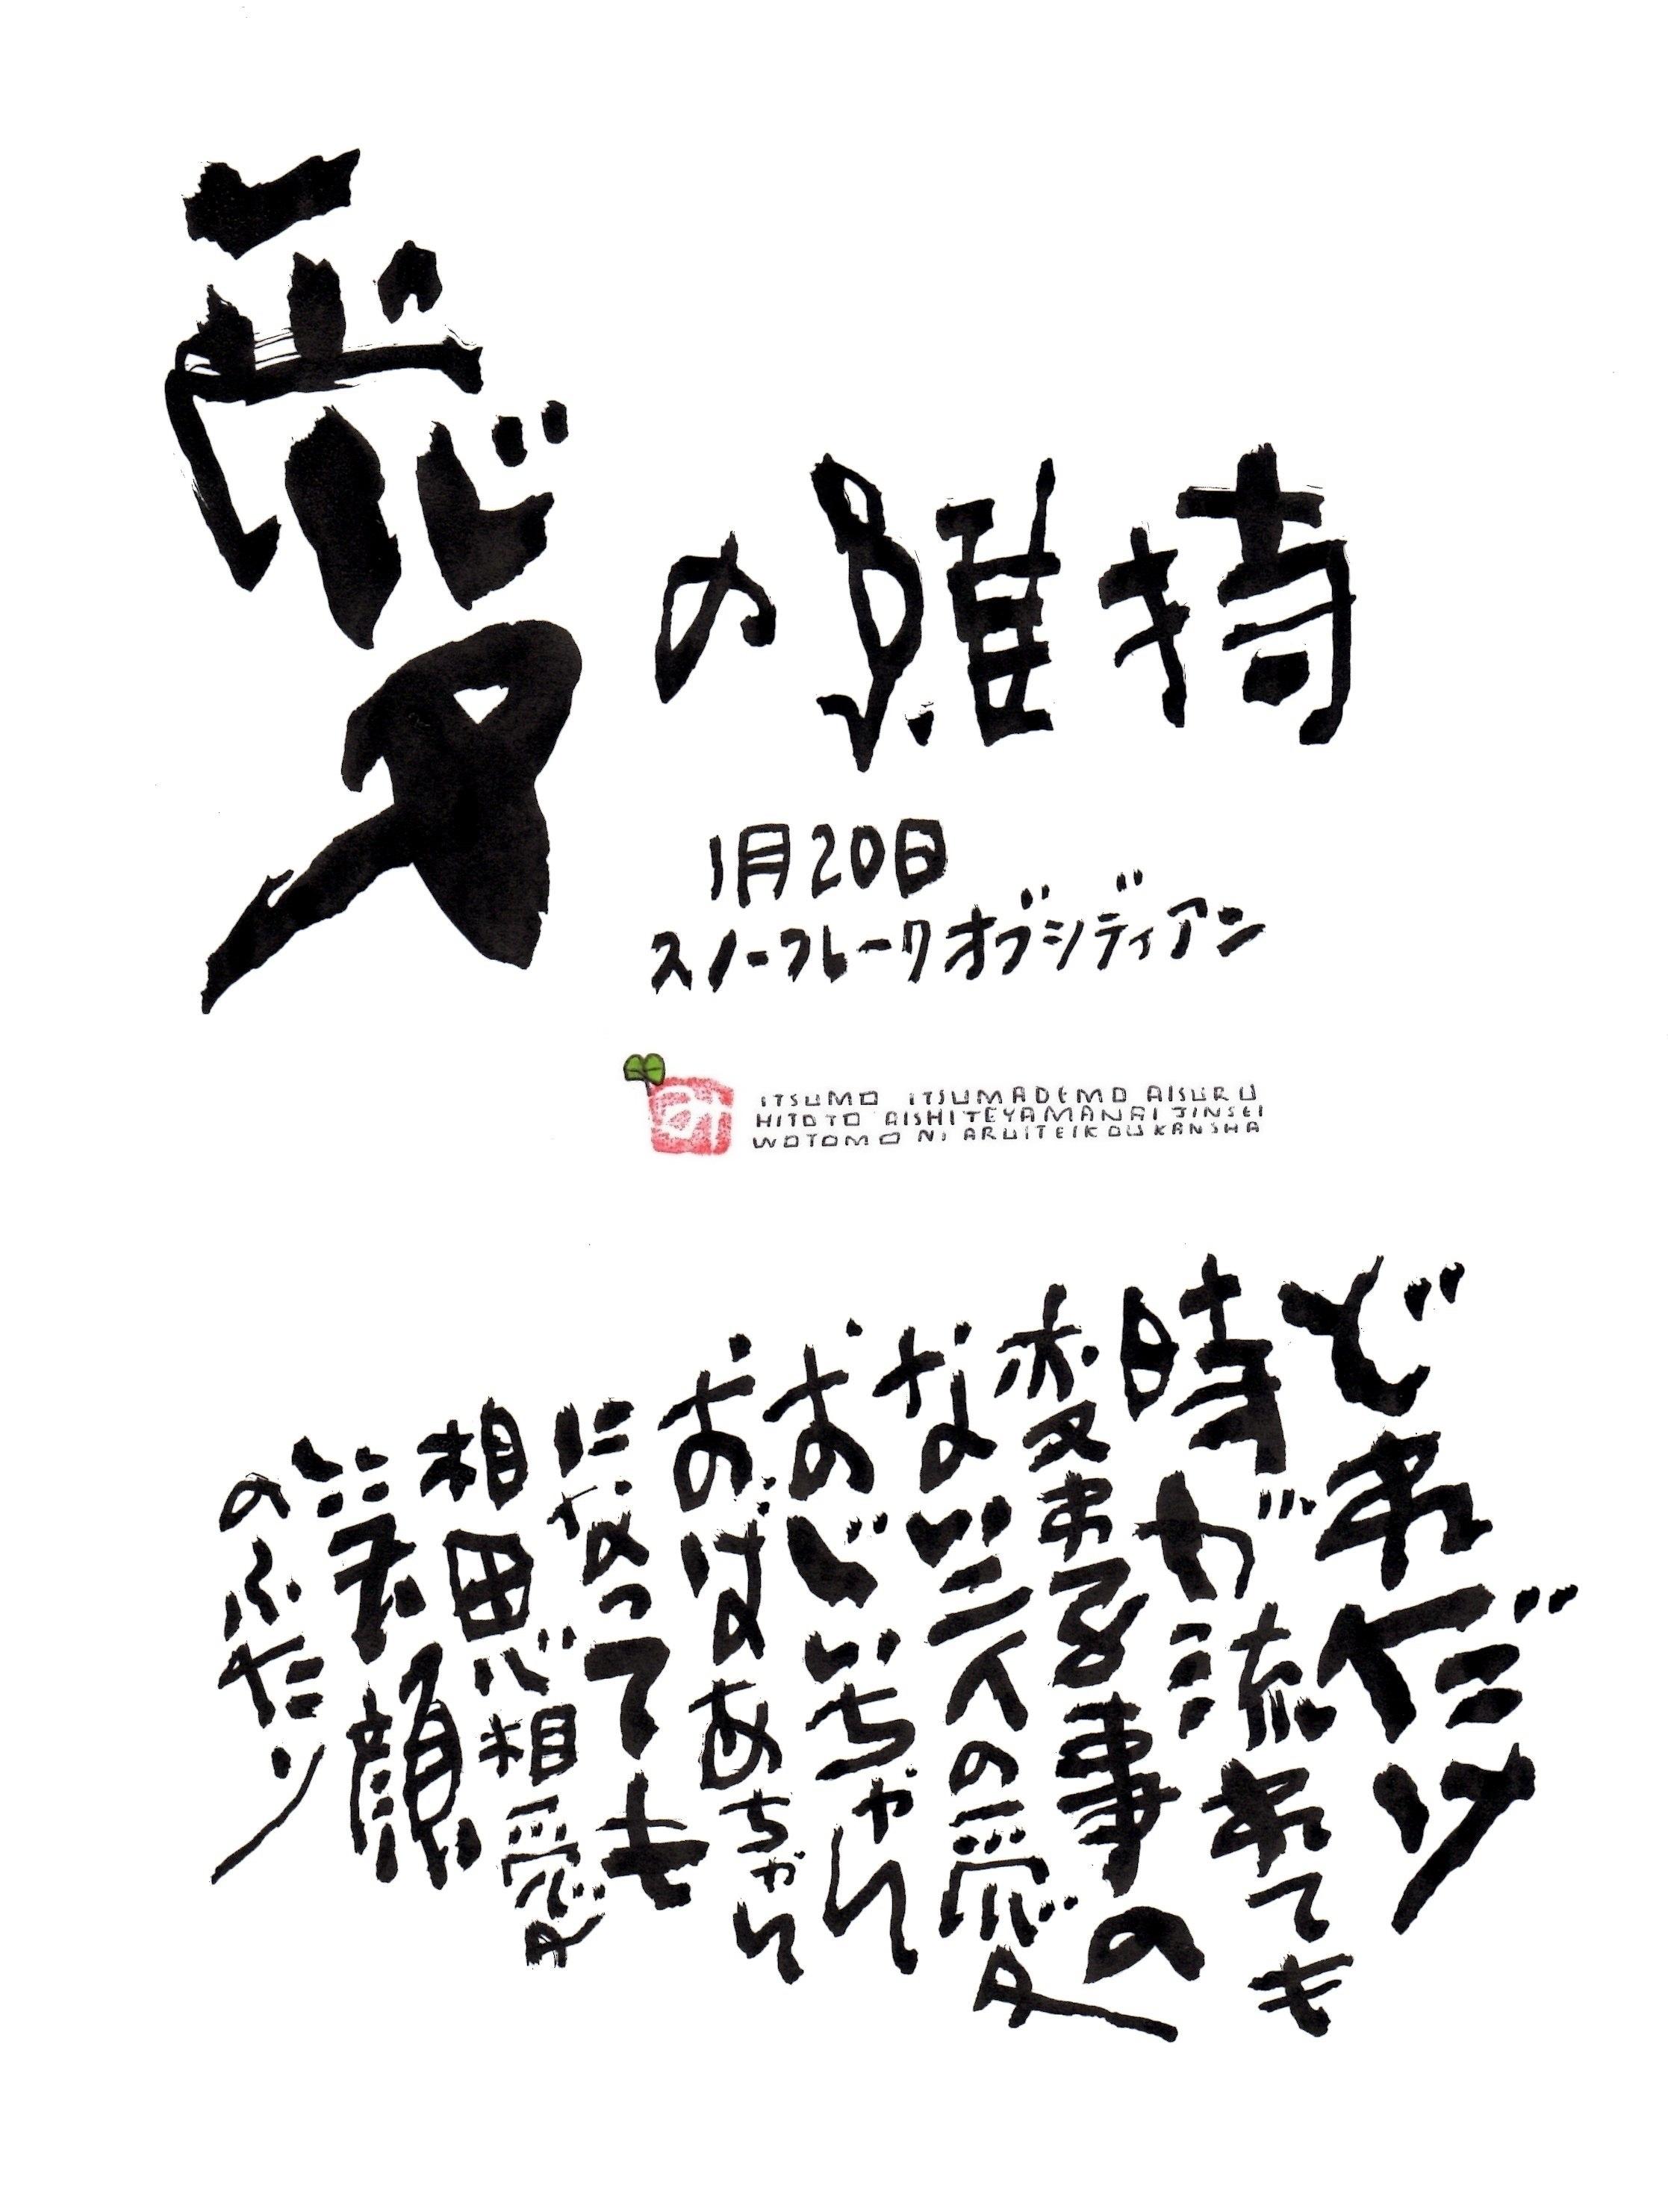 1月20日 結婚記念日ポストカード【愛の維持】